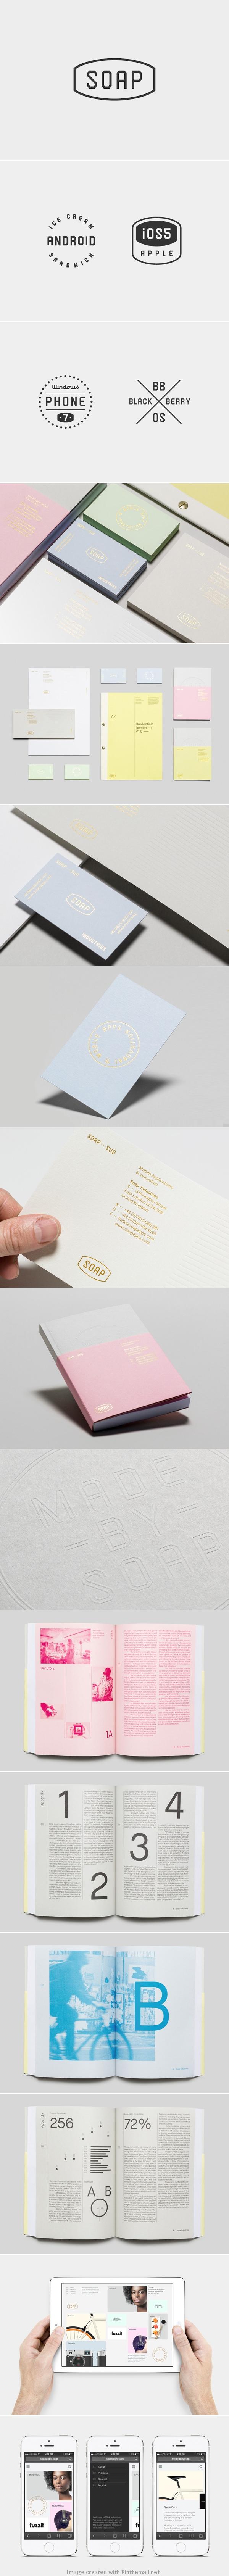 Soap Industries by Socio Design